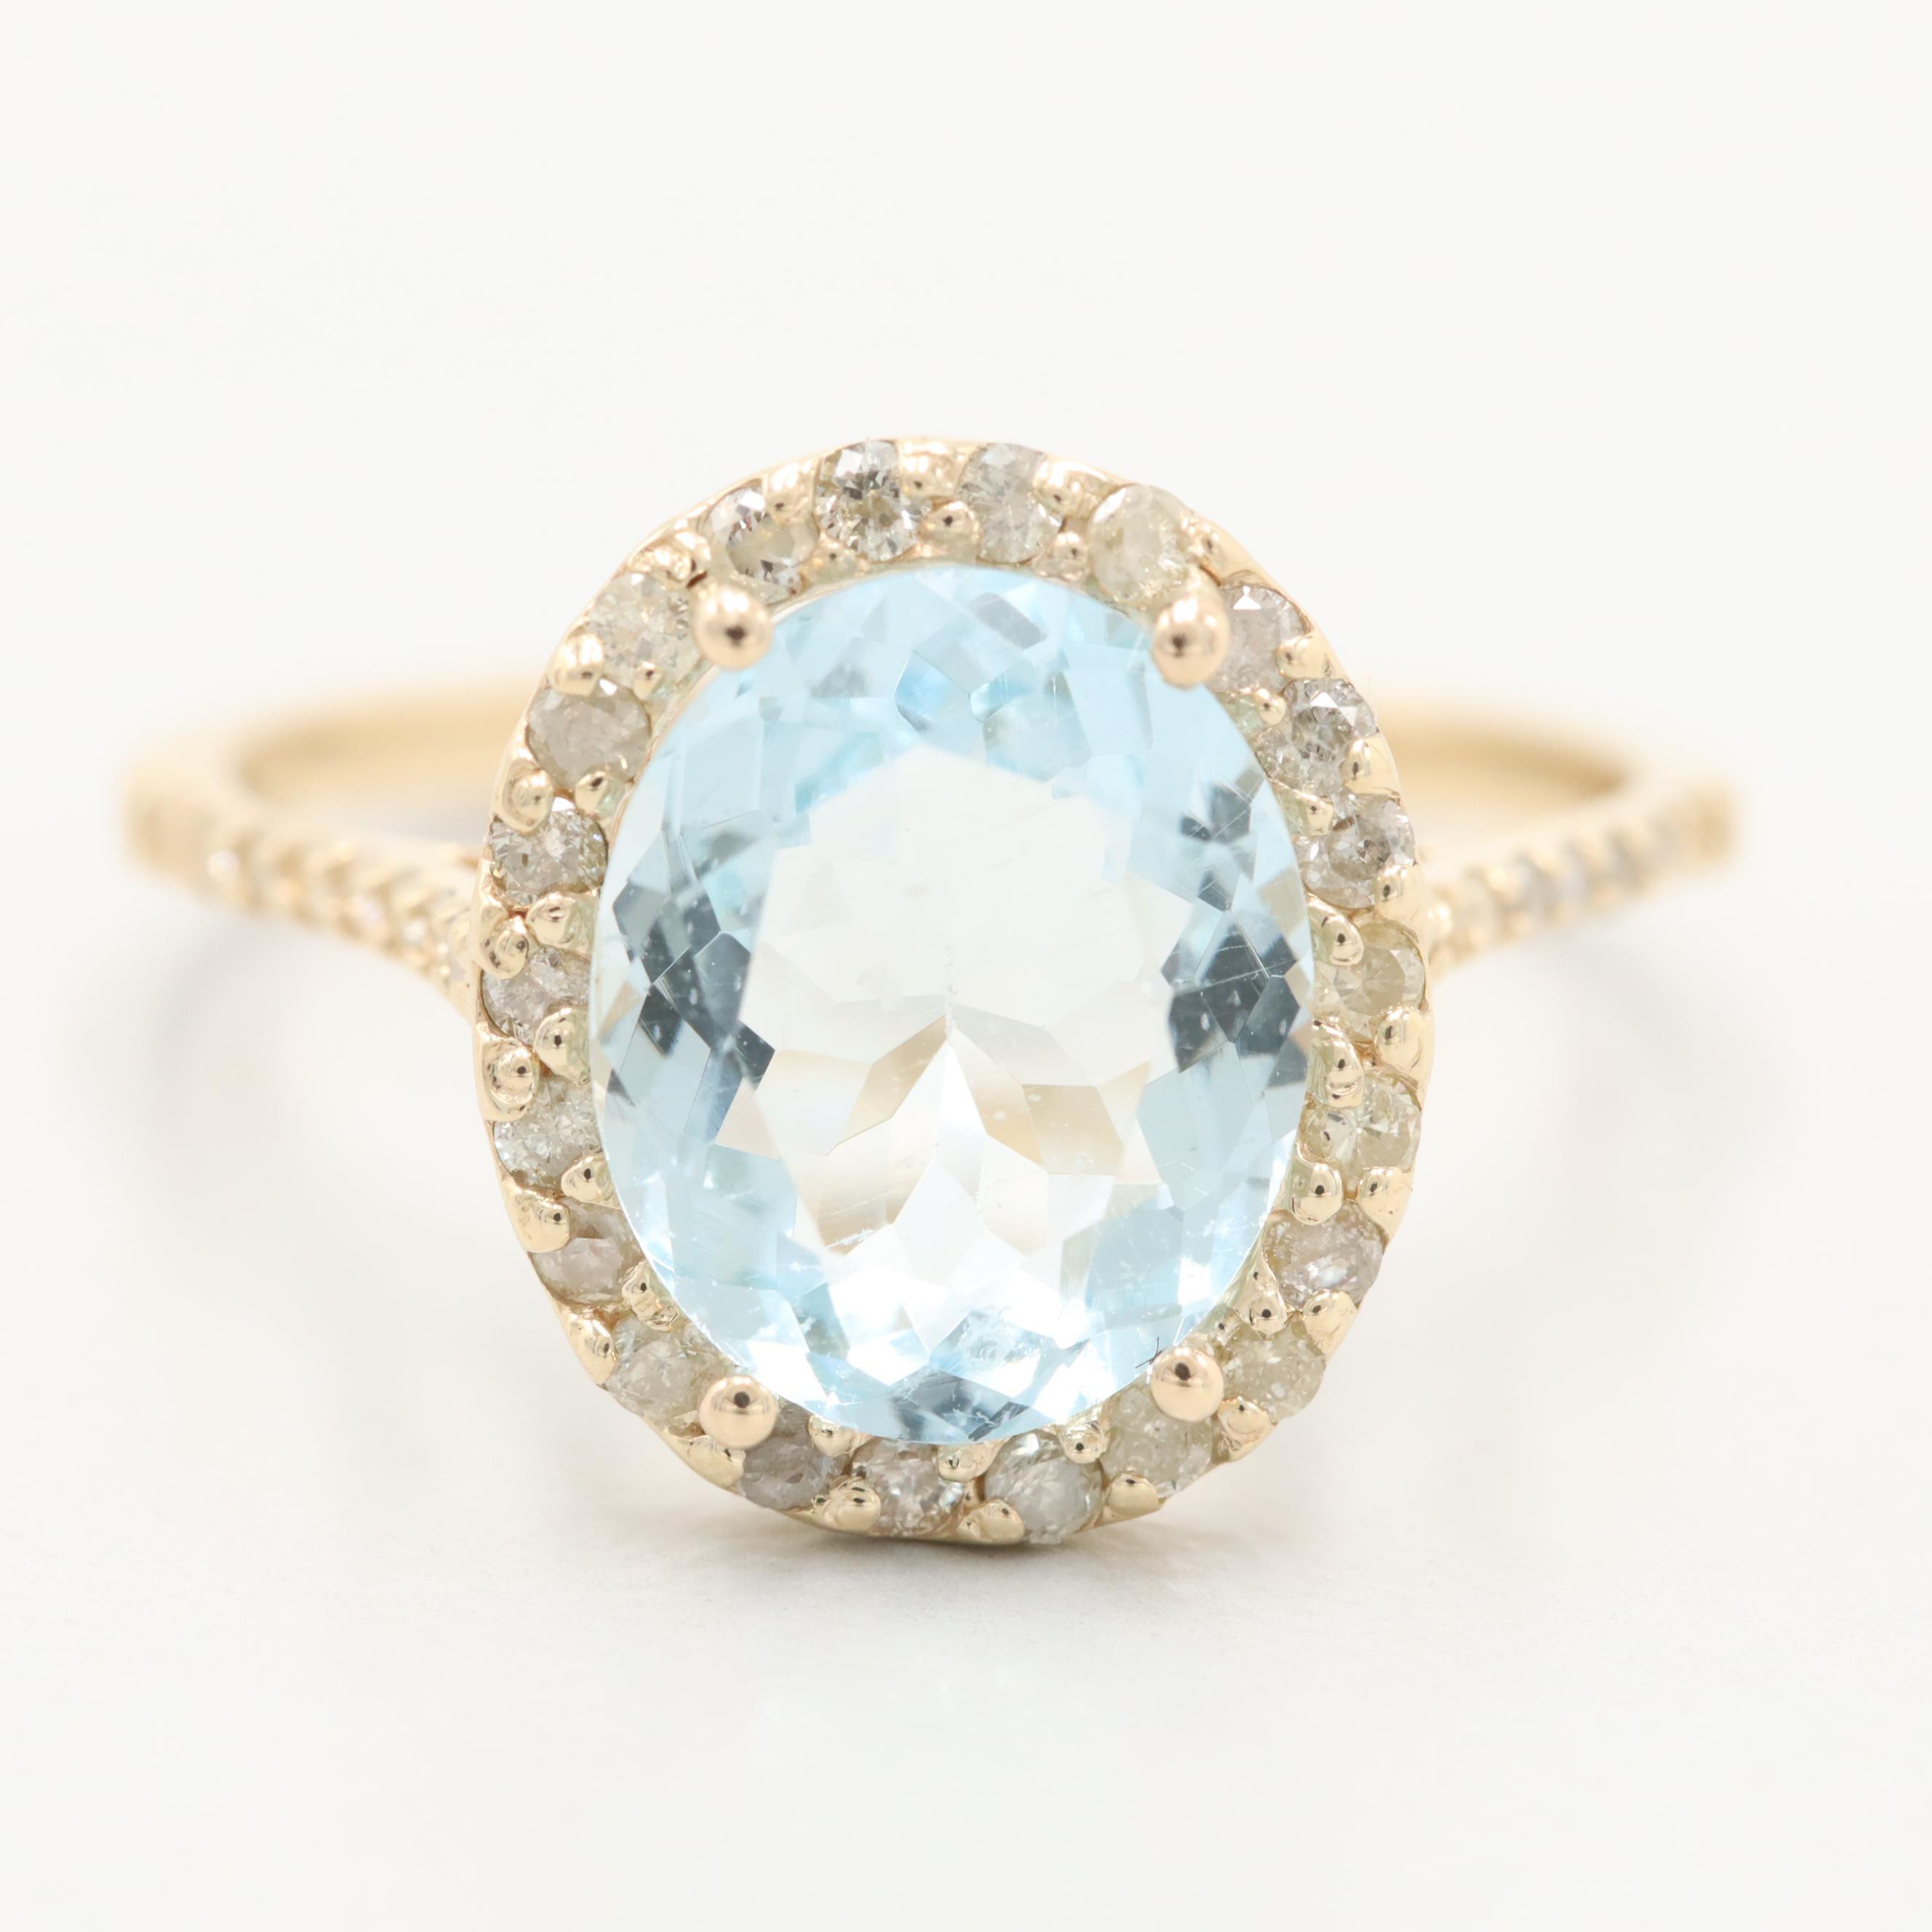 14K Yellow Gold 1.99 CT Aquamarine and Diamond Ring